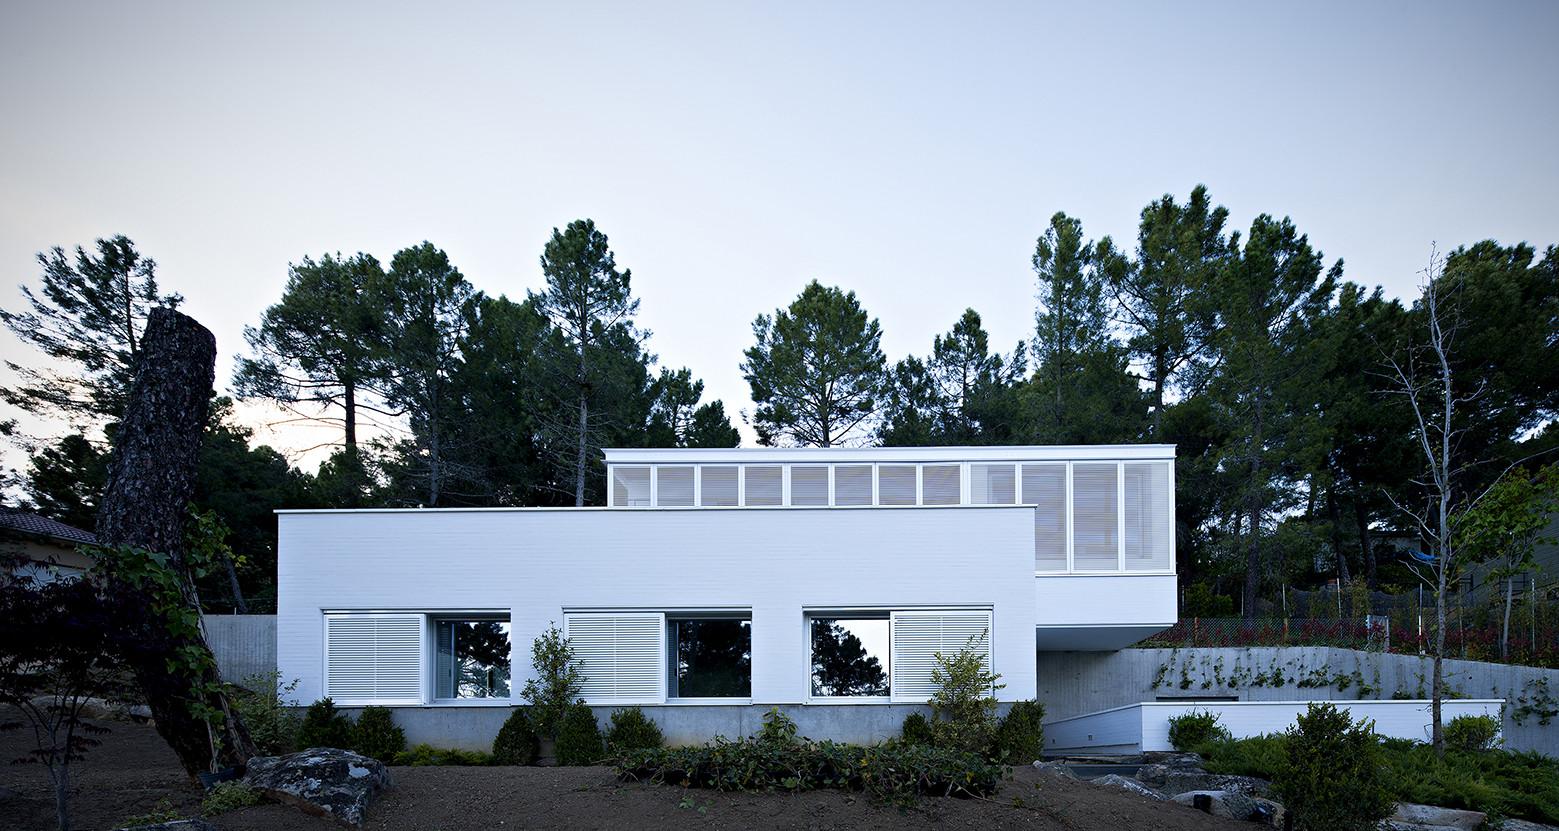 Casa en vila claudia olalla gil archdaily m xico - Arquitectos en avila ...